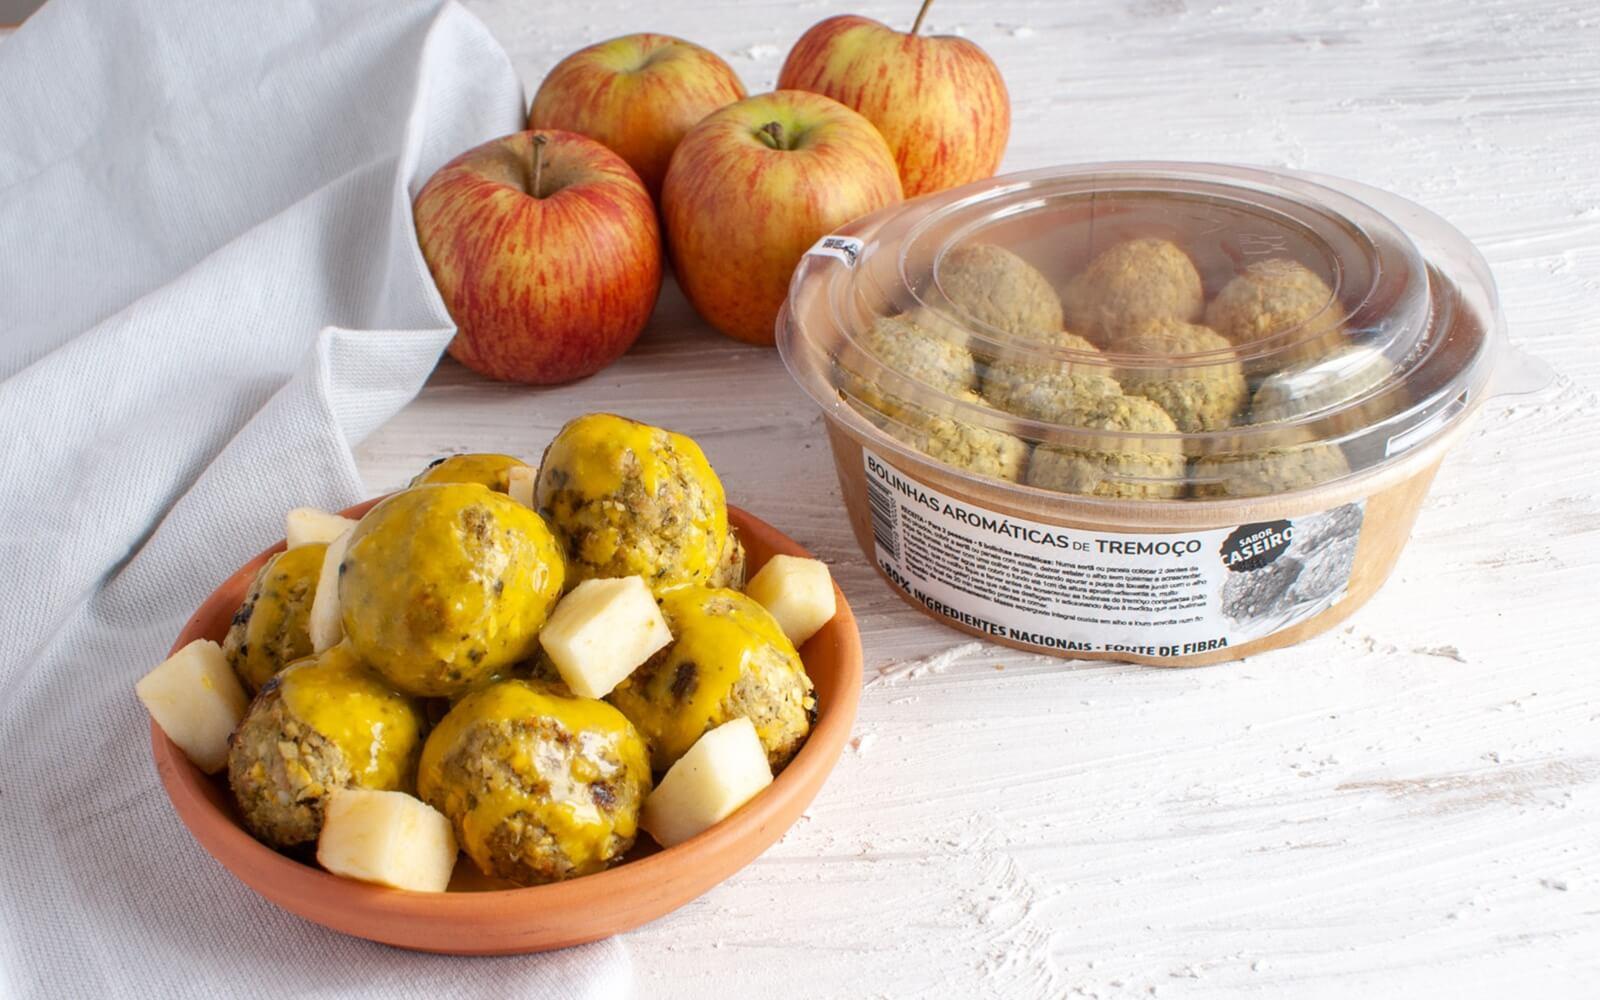 Bolinhas aromáticas de tremoço com molho de caril e maçã